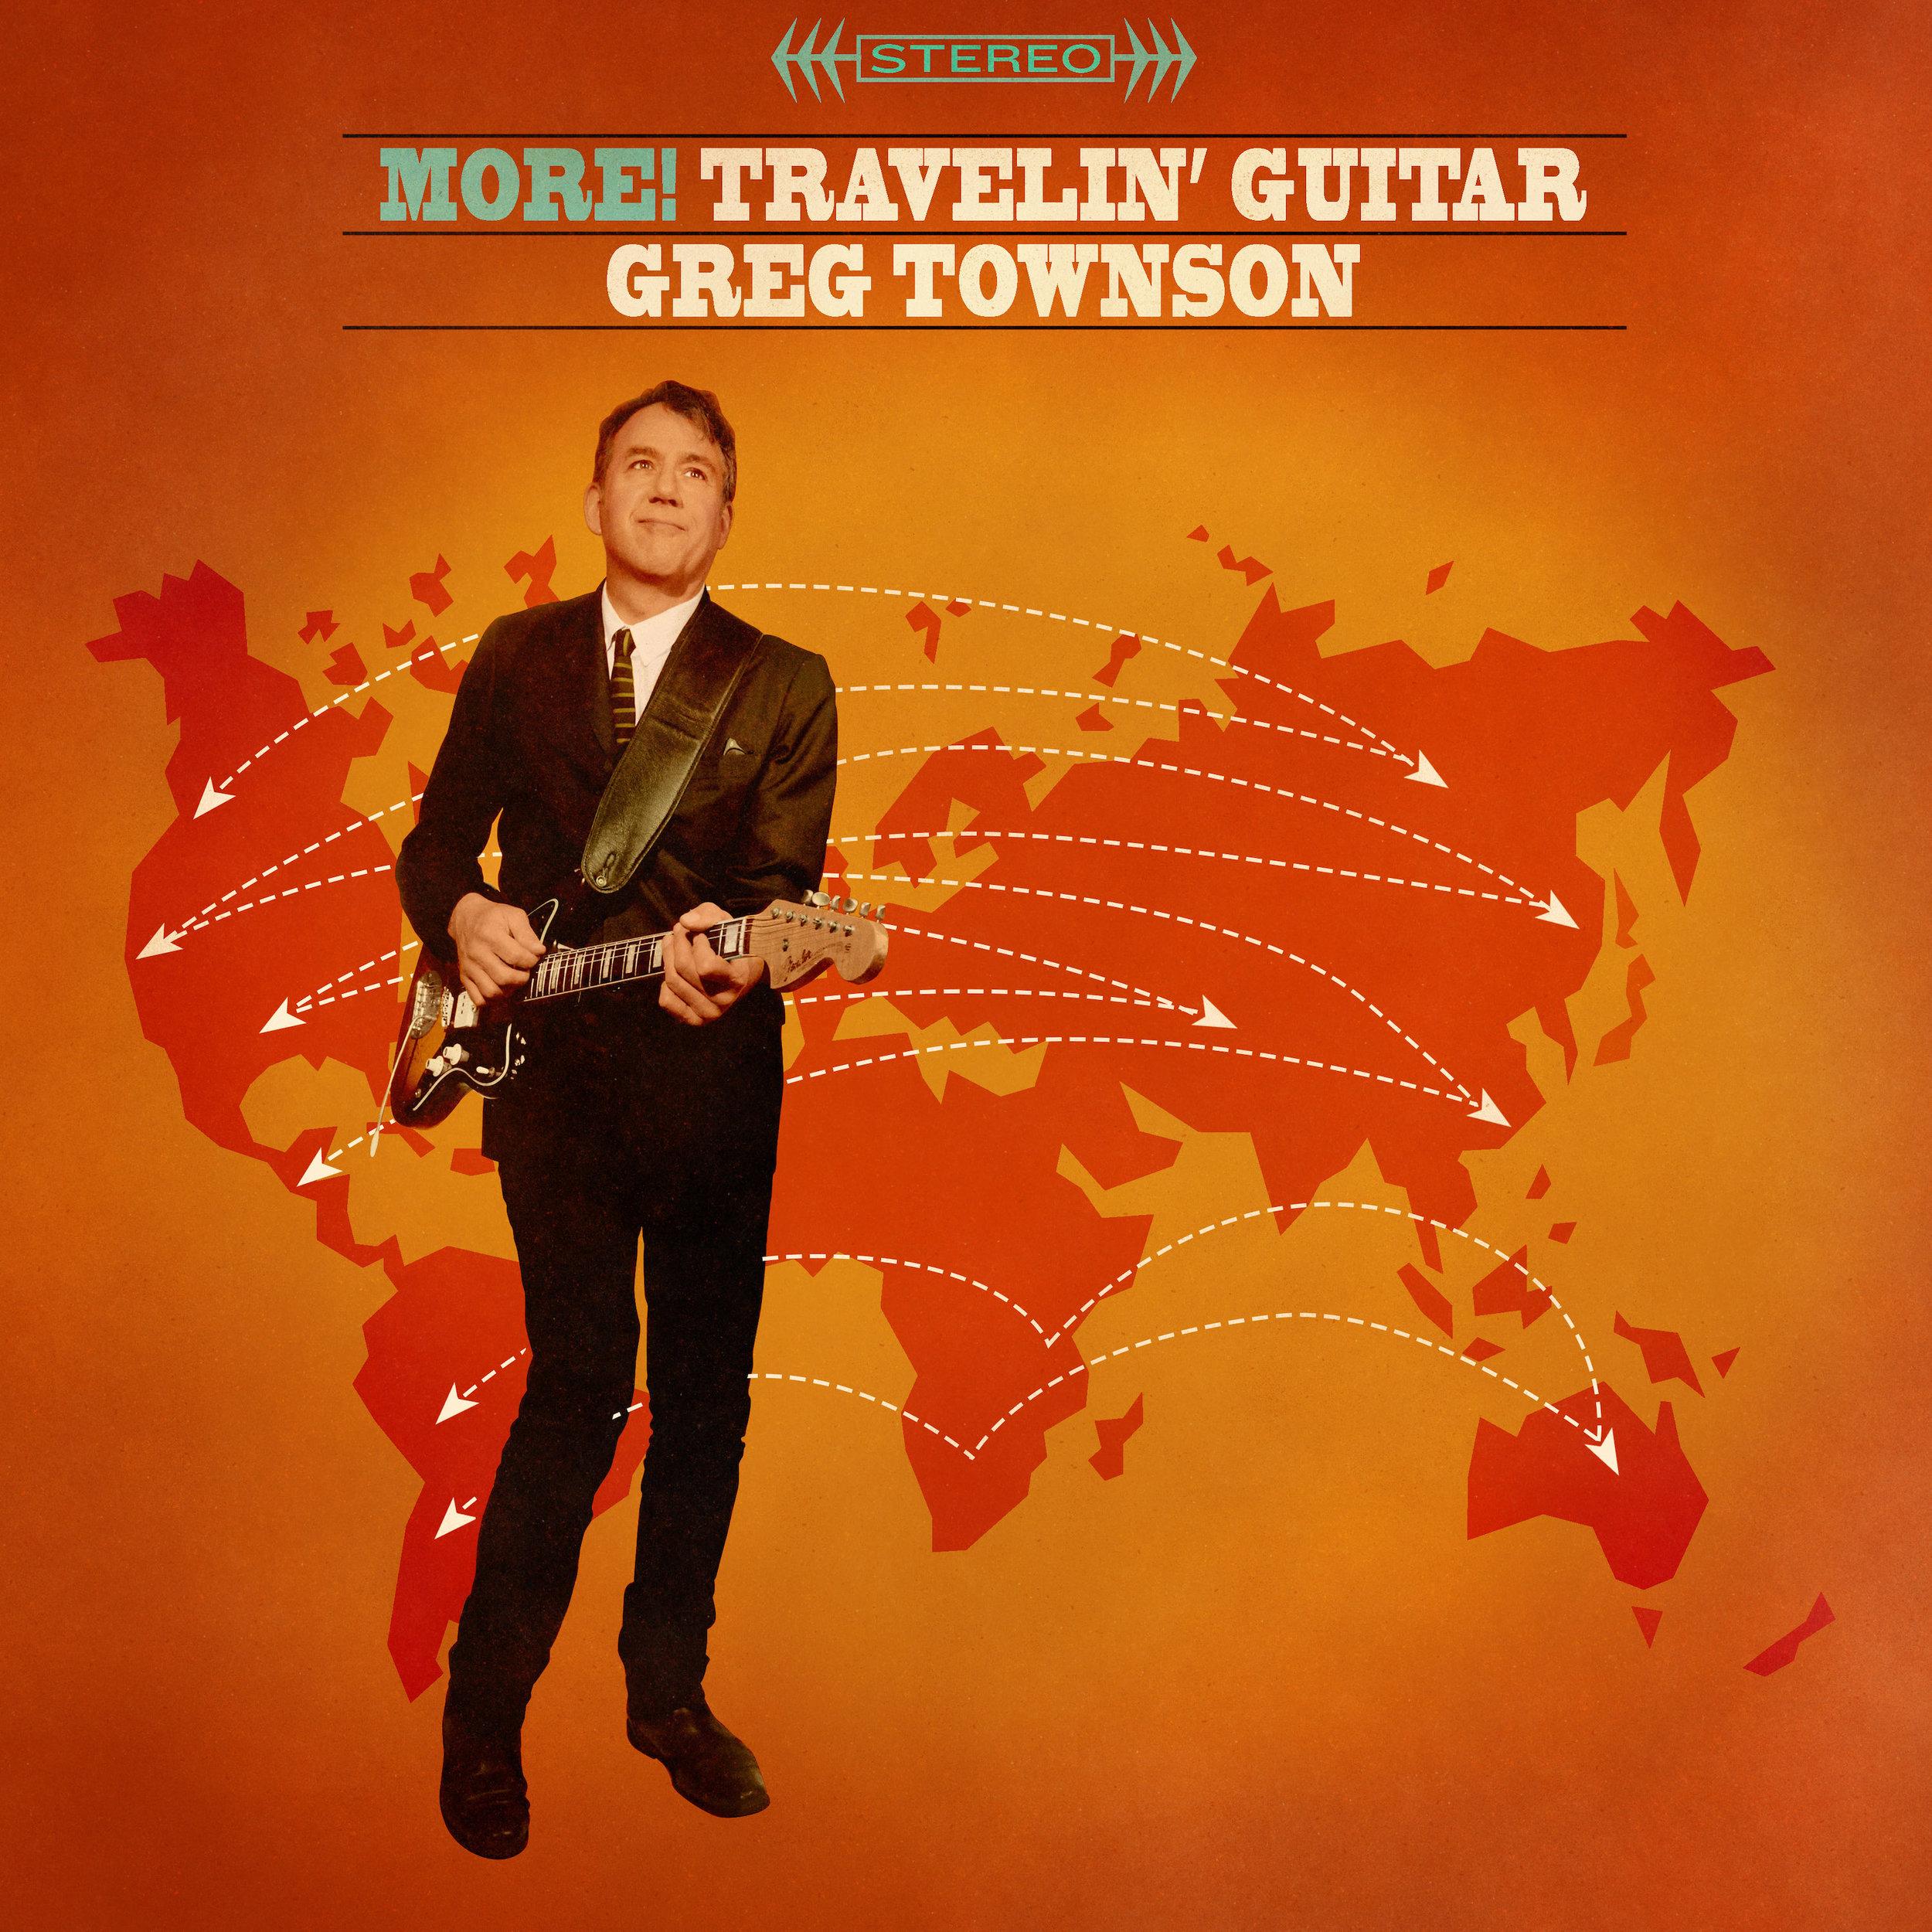 More Travelin Guitar 3000.jpg